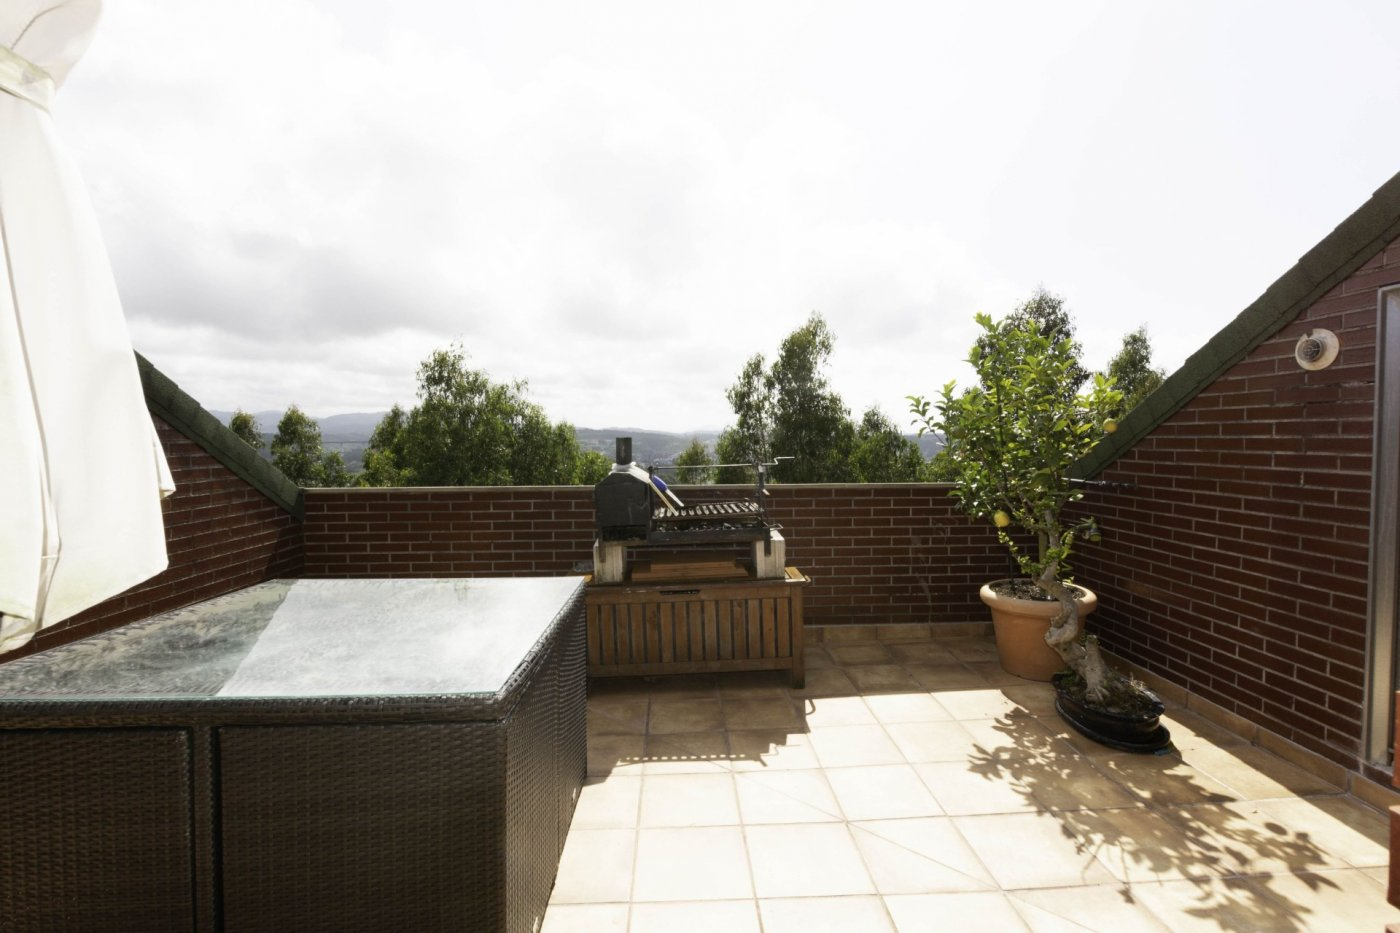 Ático con terraza de 11 m2, a 2 km de salinas - imagenInmueble2